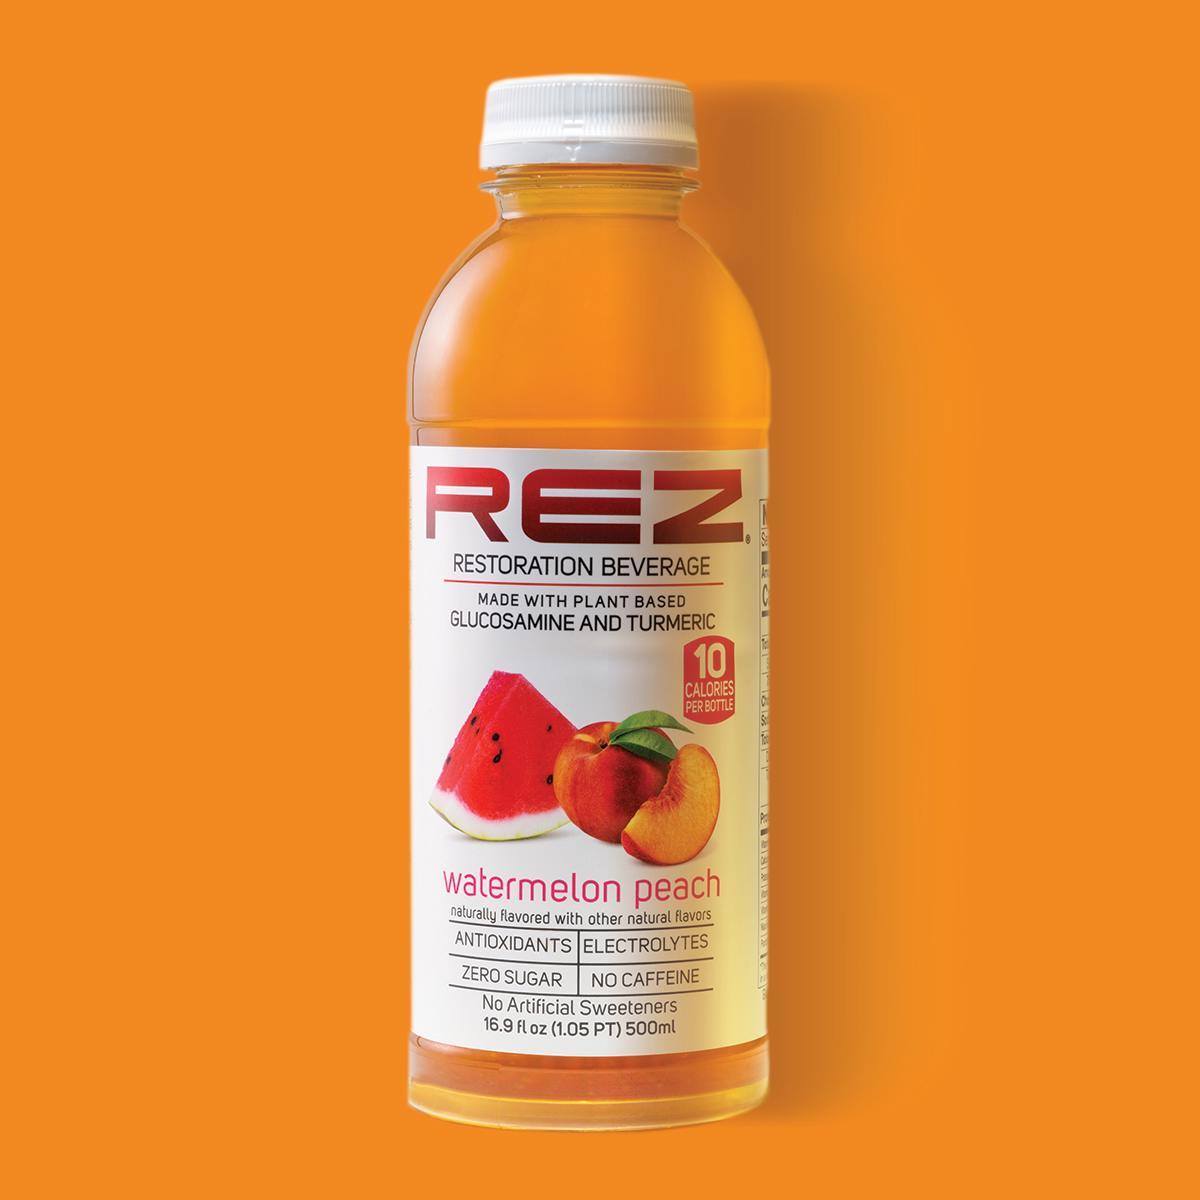 watermelon-peach-rez-restoration-beverage